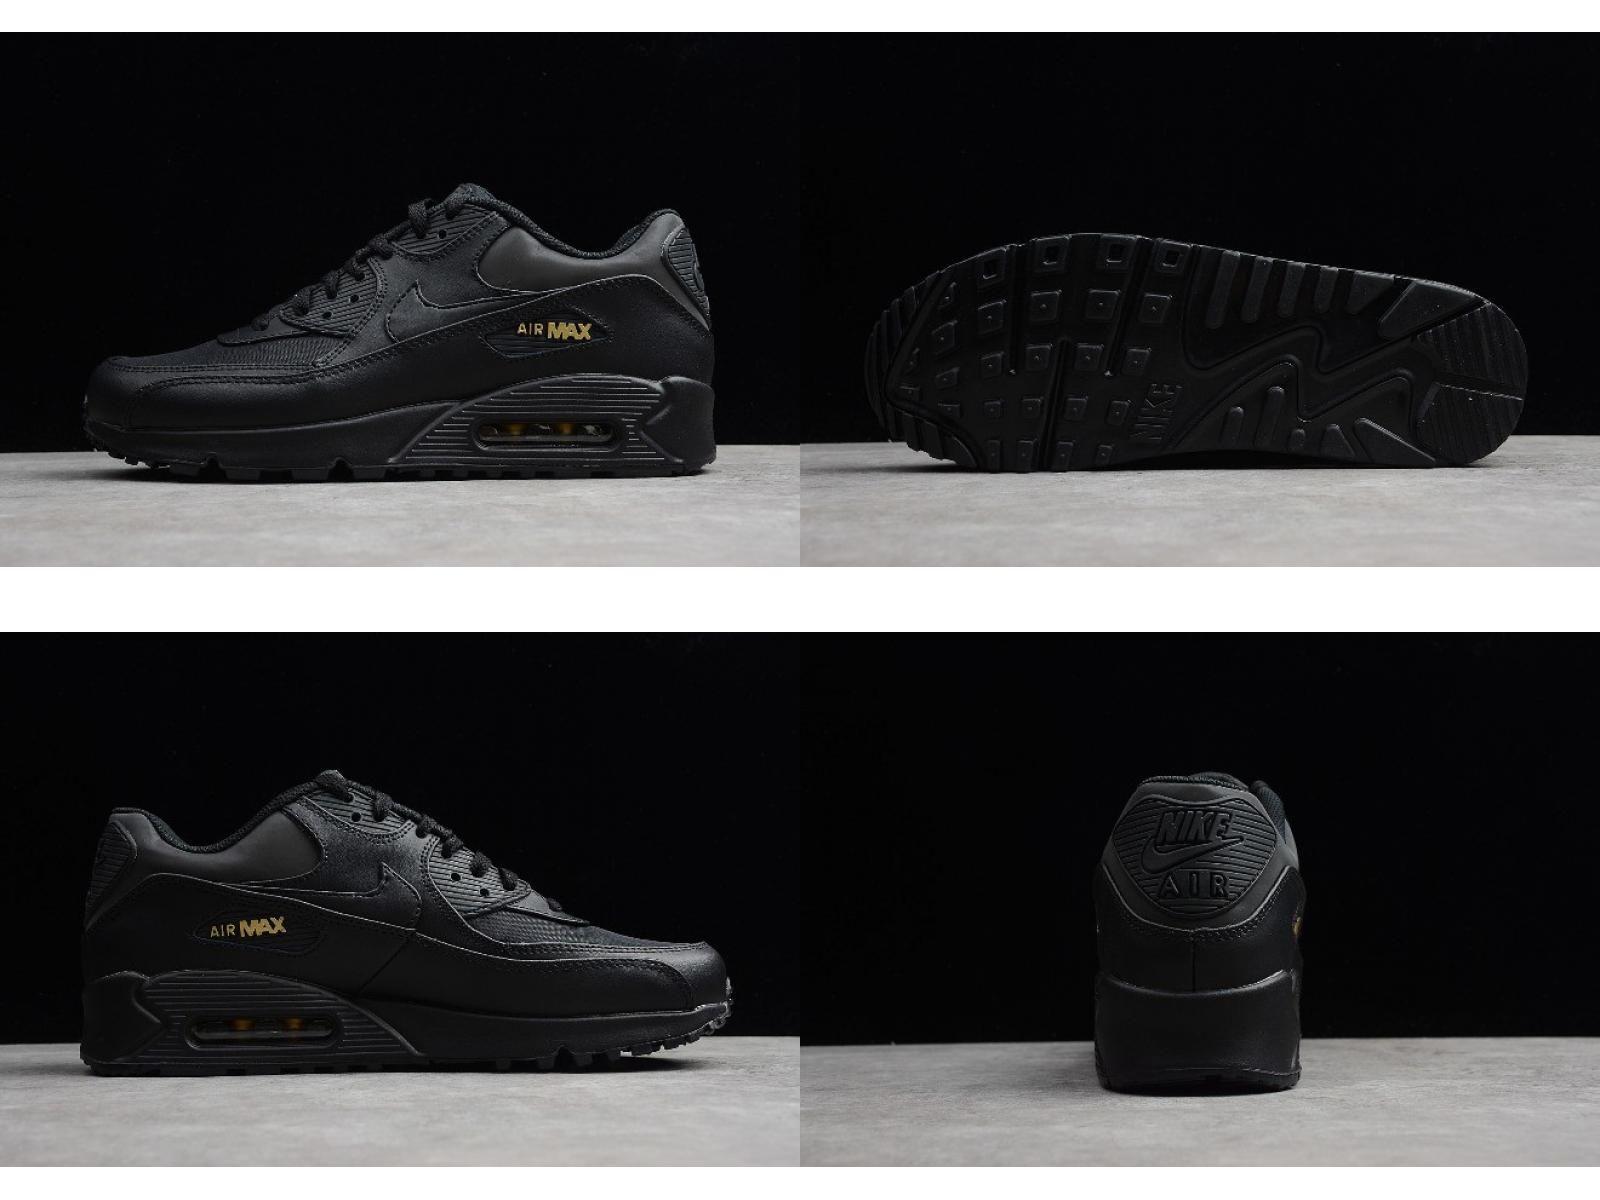 2018 Nike Air Max 90 Premium Black Gold 700155 011